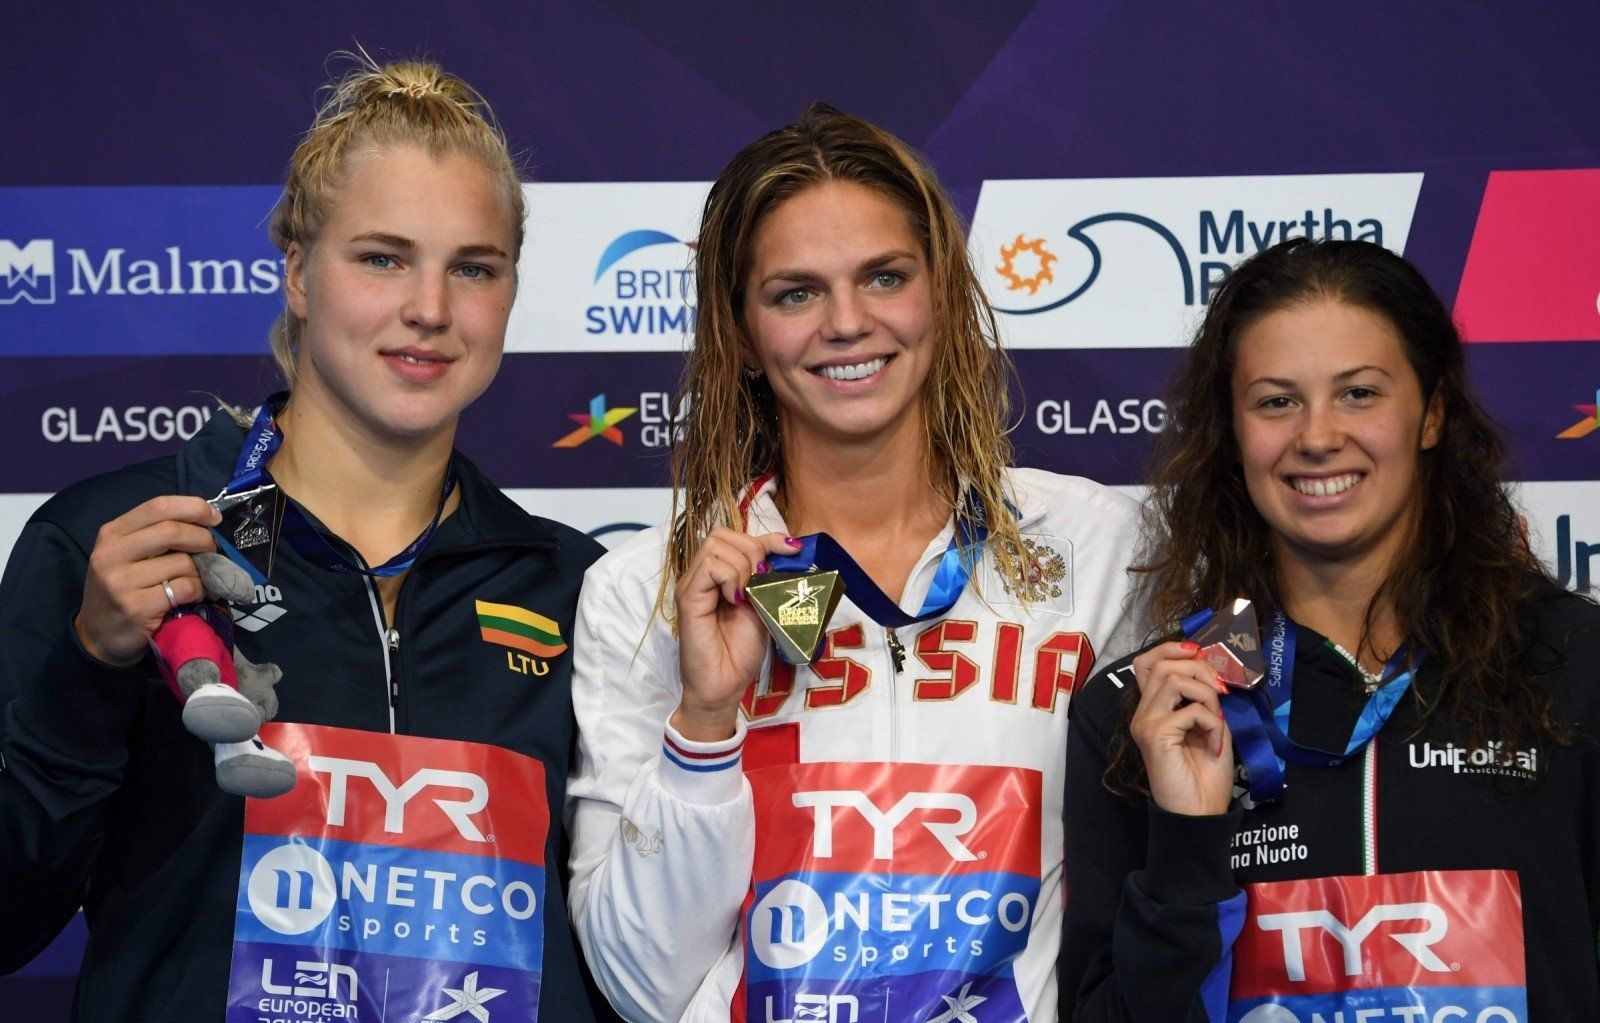 Россиянка Ефимова завоевала золотоЧЕ поплаванию надистанции 100м брассом